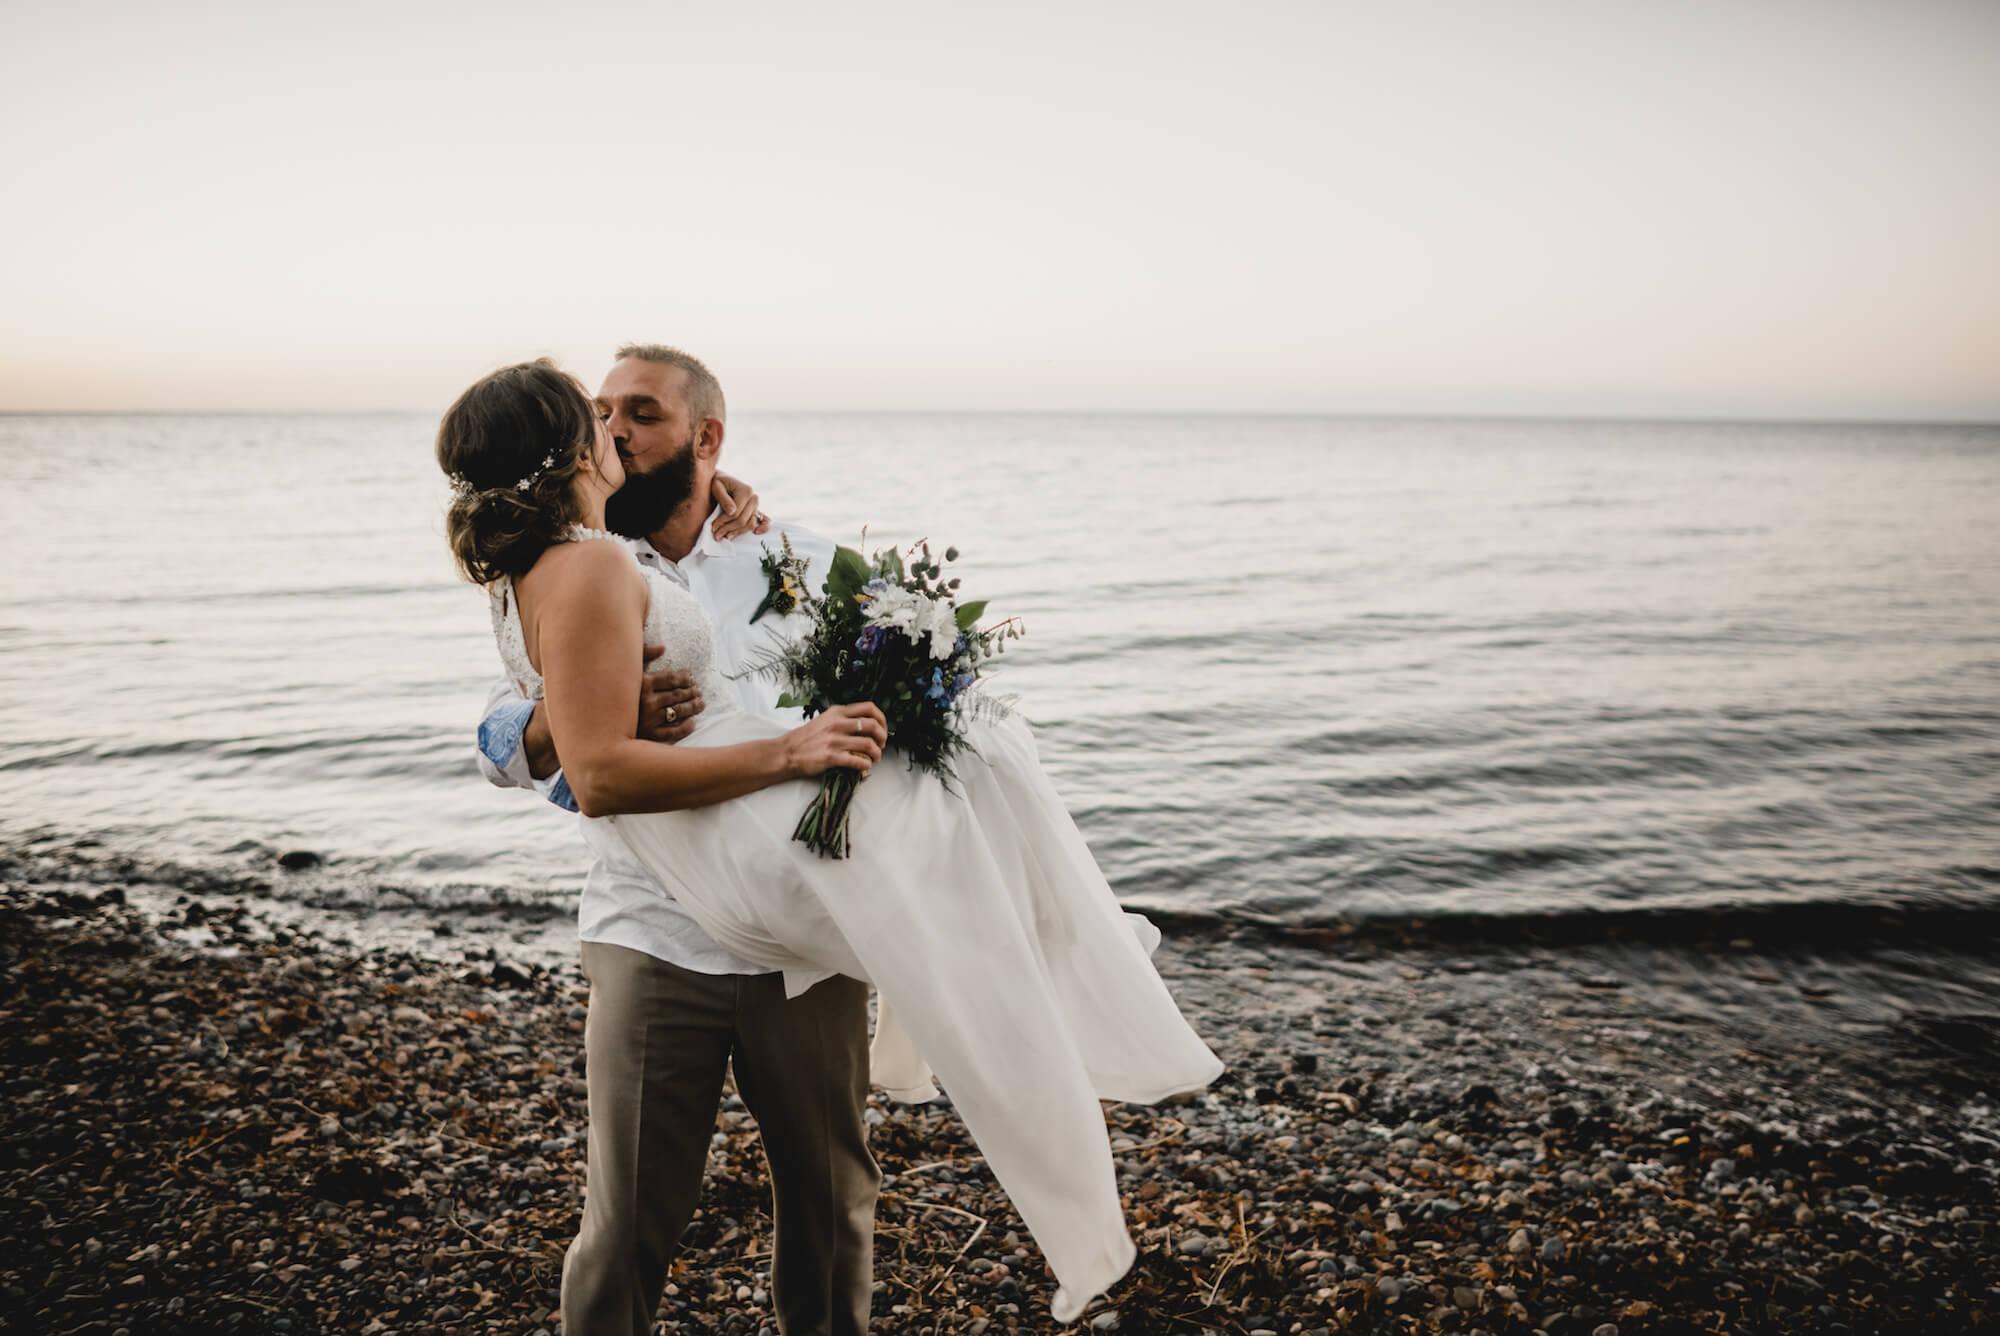 engle-olson-tammy-marc-wedding-56.jpg